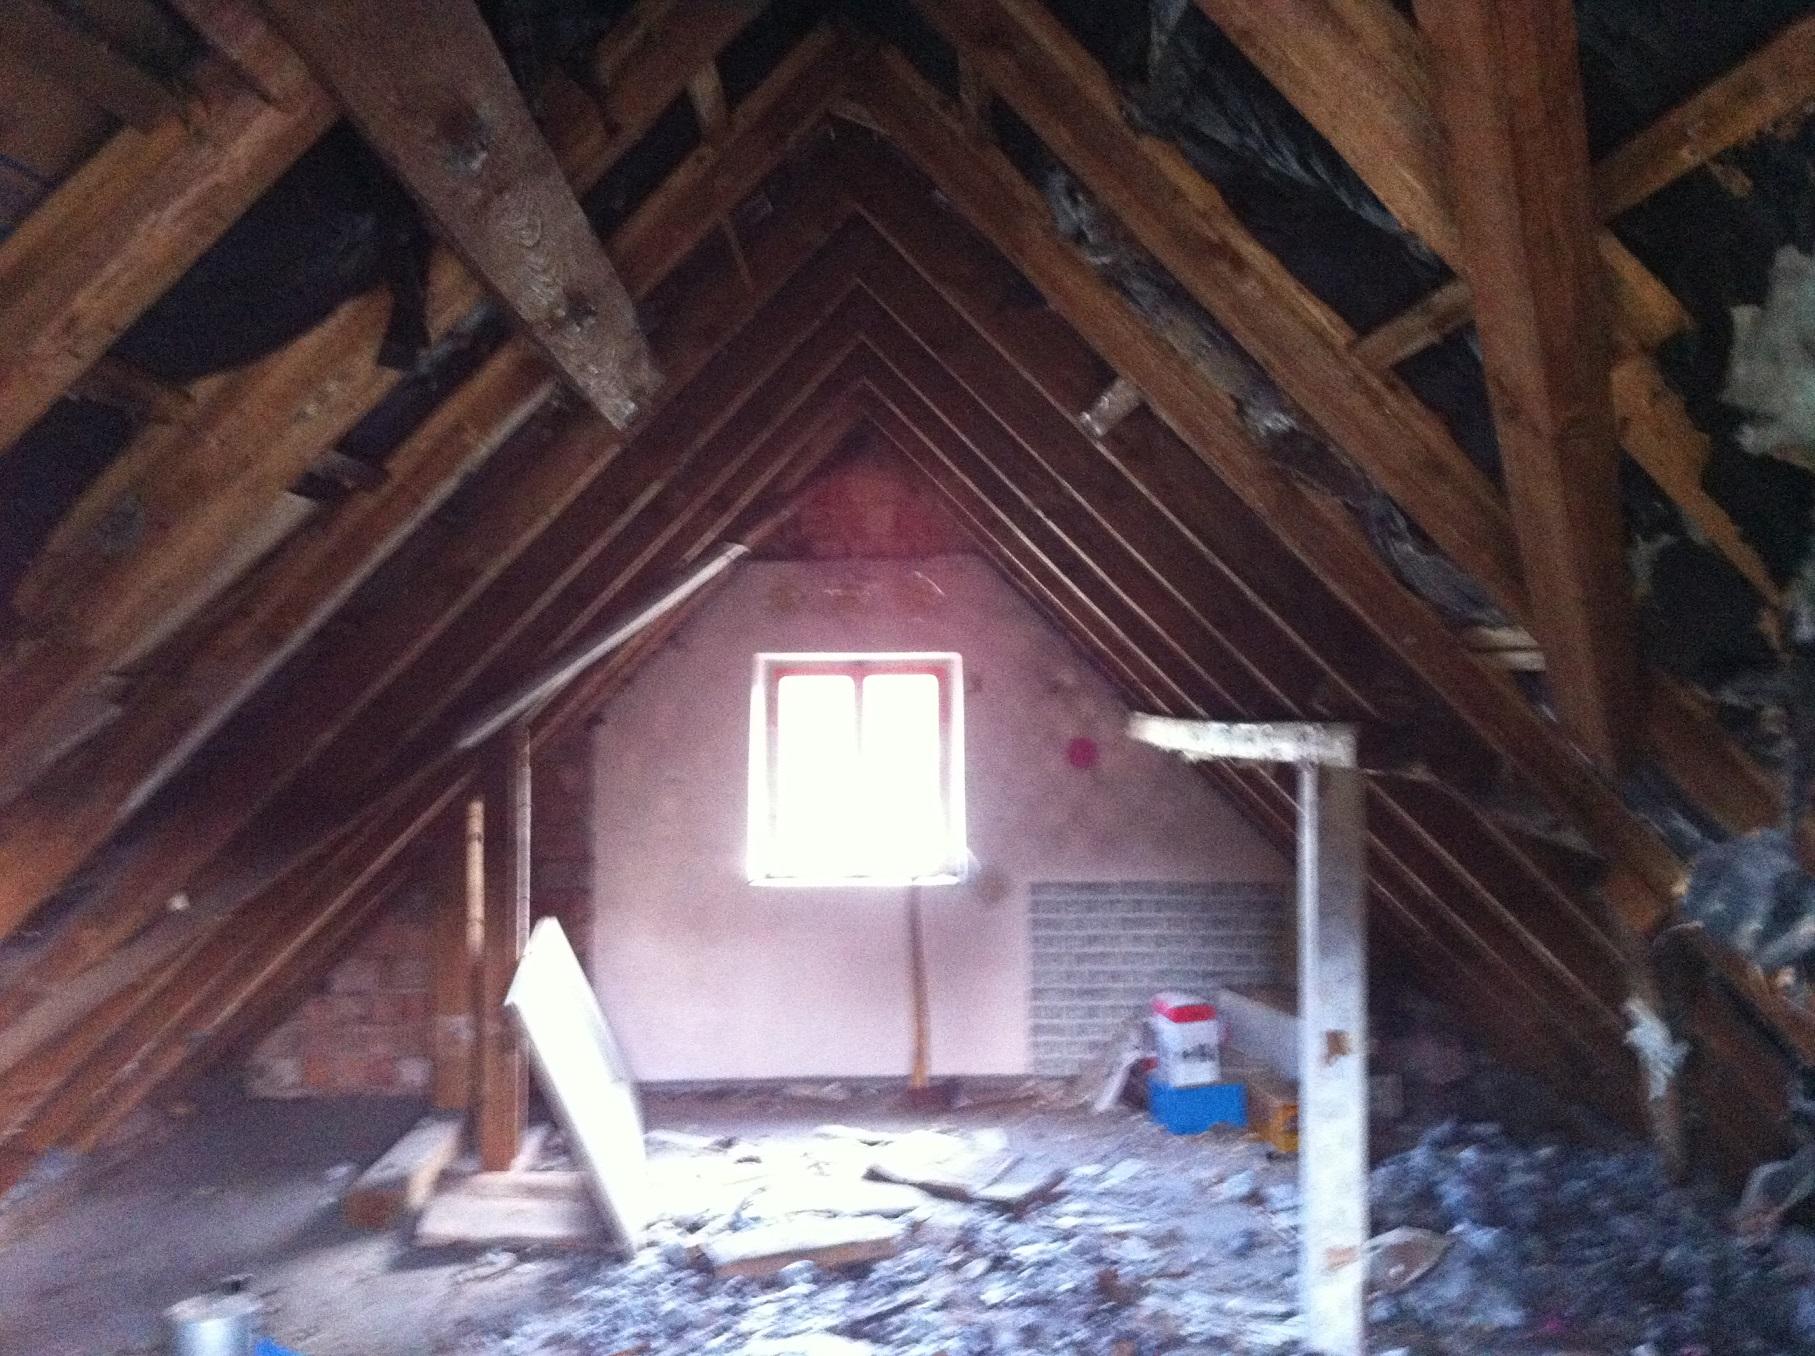 dachstuhl altbau wozu diese balken haus hausbau renovierung. Black Bedroom Furniture Sets. Home Design Ideas